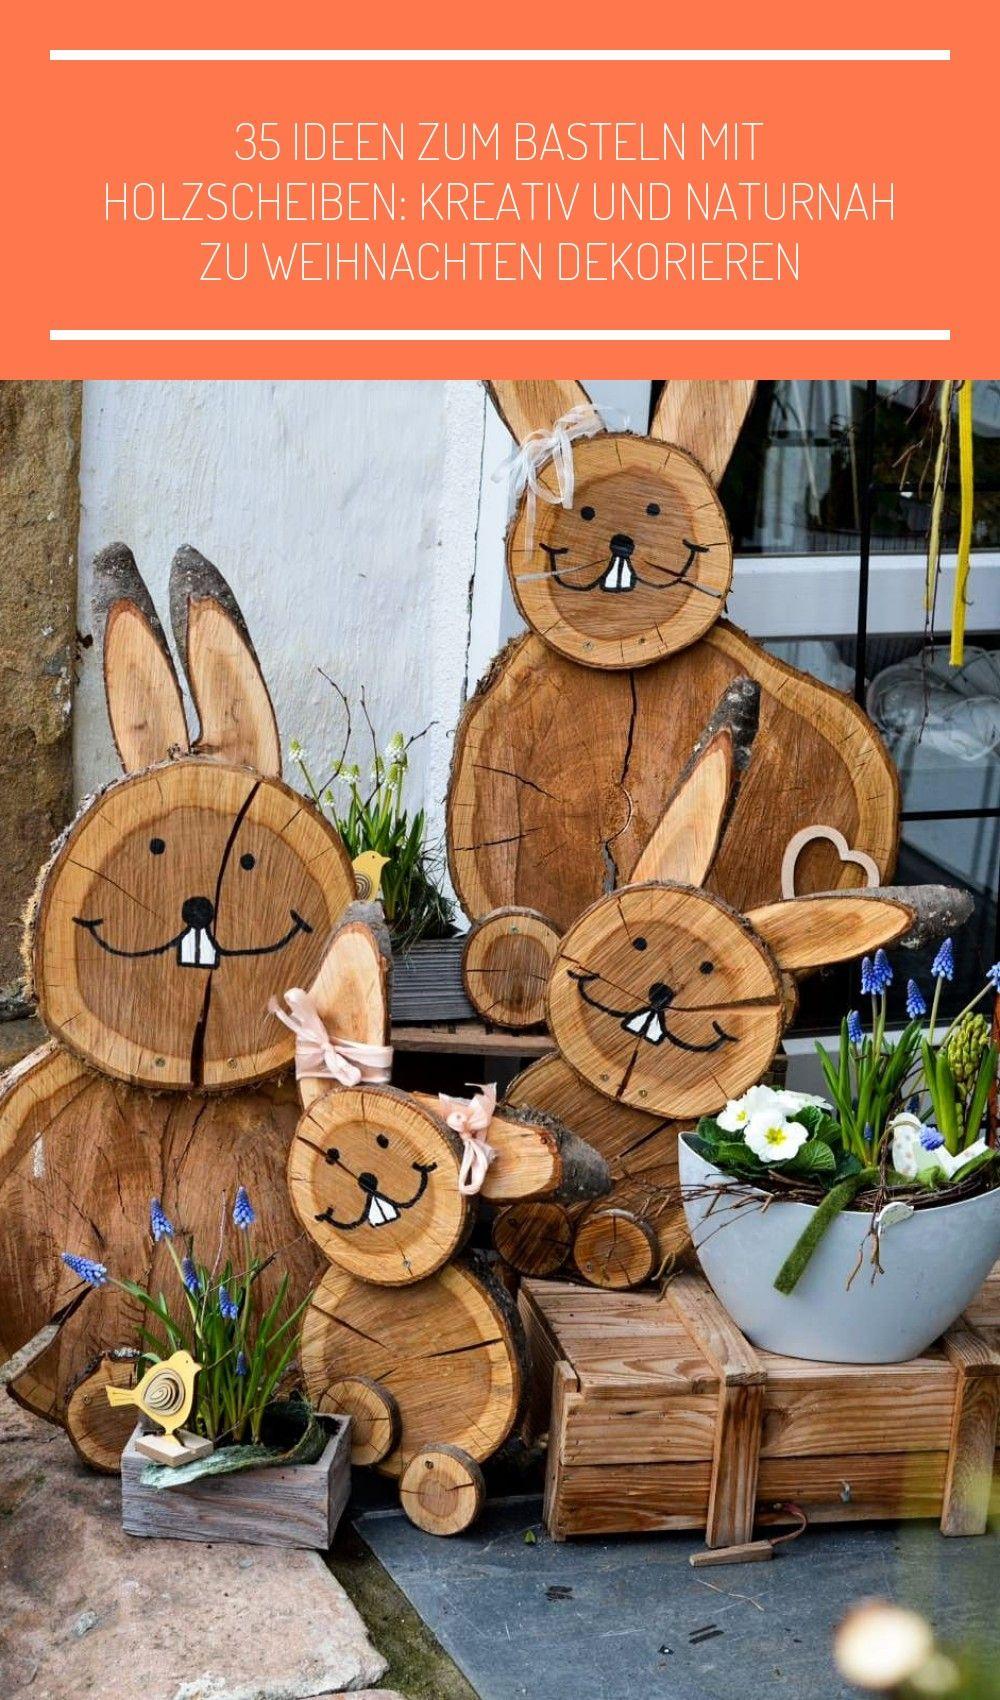 Diy Projekt Osterhasen Aus Baumscheiben Holzscheiben Deko Garten Diy Osterhasen Aus Baumscheiben In 2020 Spring Wood Crafts Diy Projects Easter Wood Crafts Diy